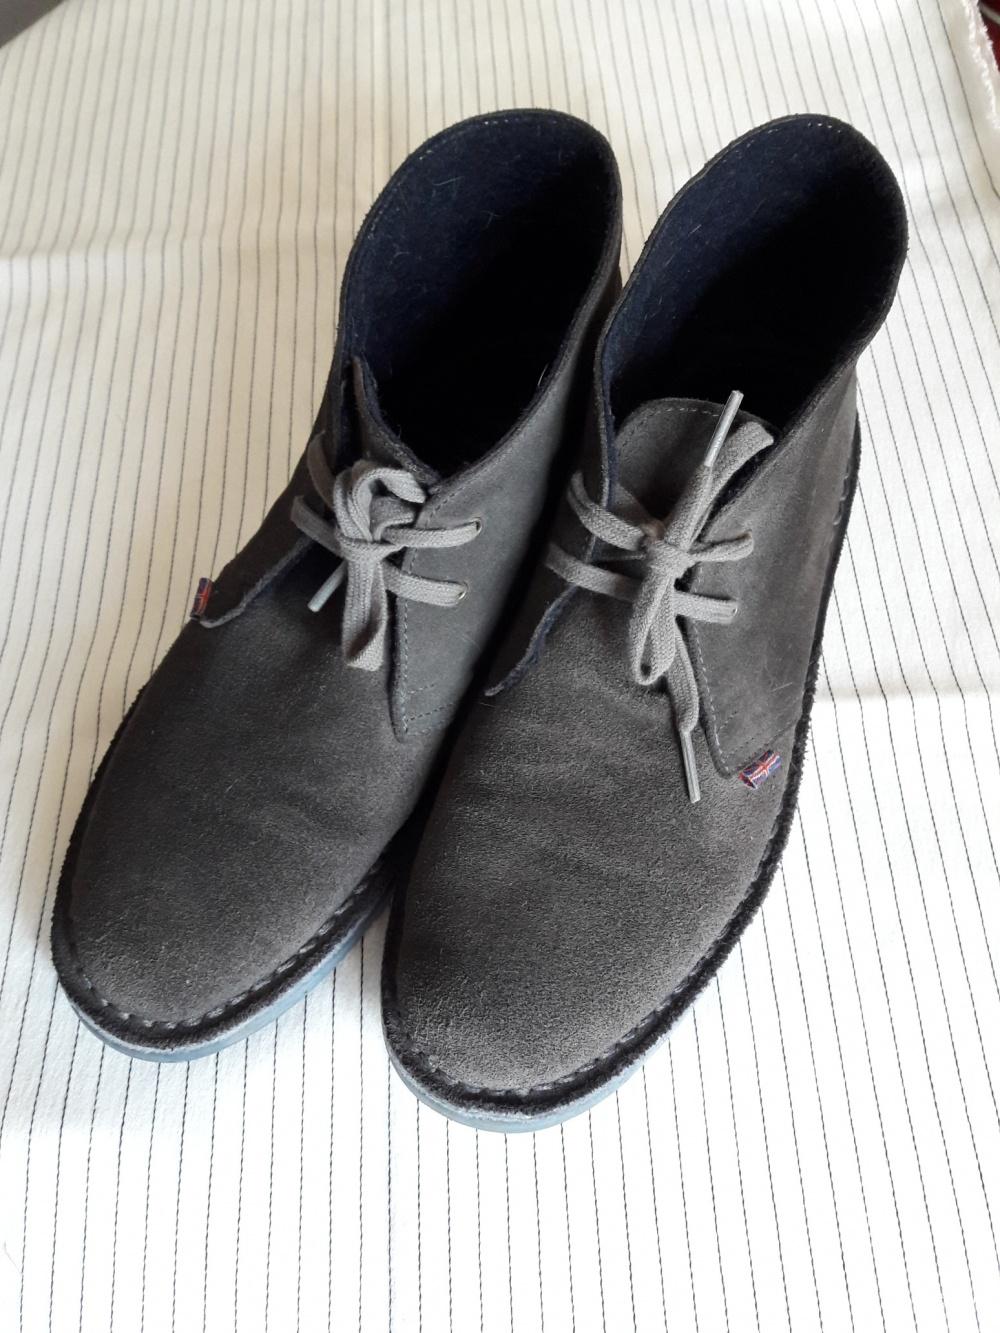 Ботинки NYON, р-р 43